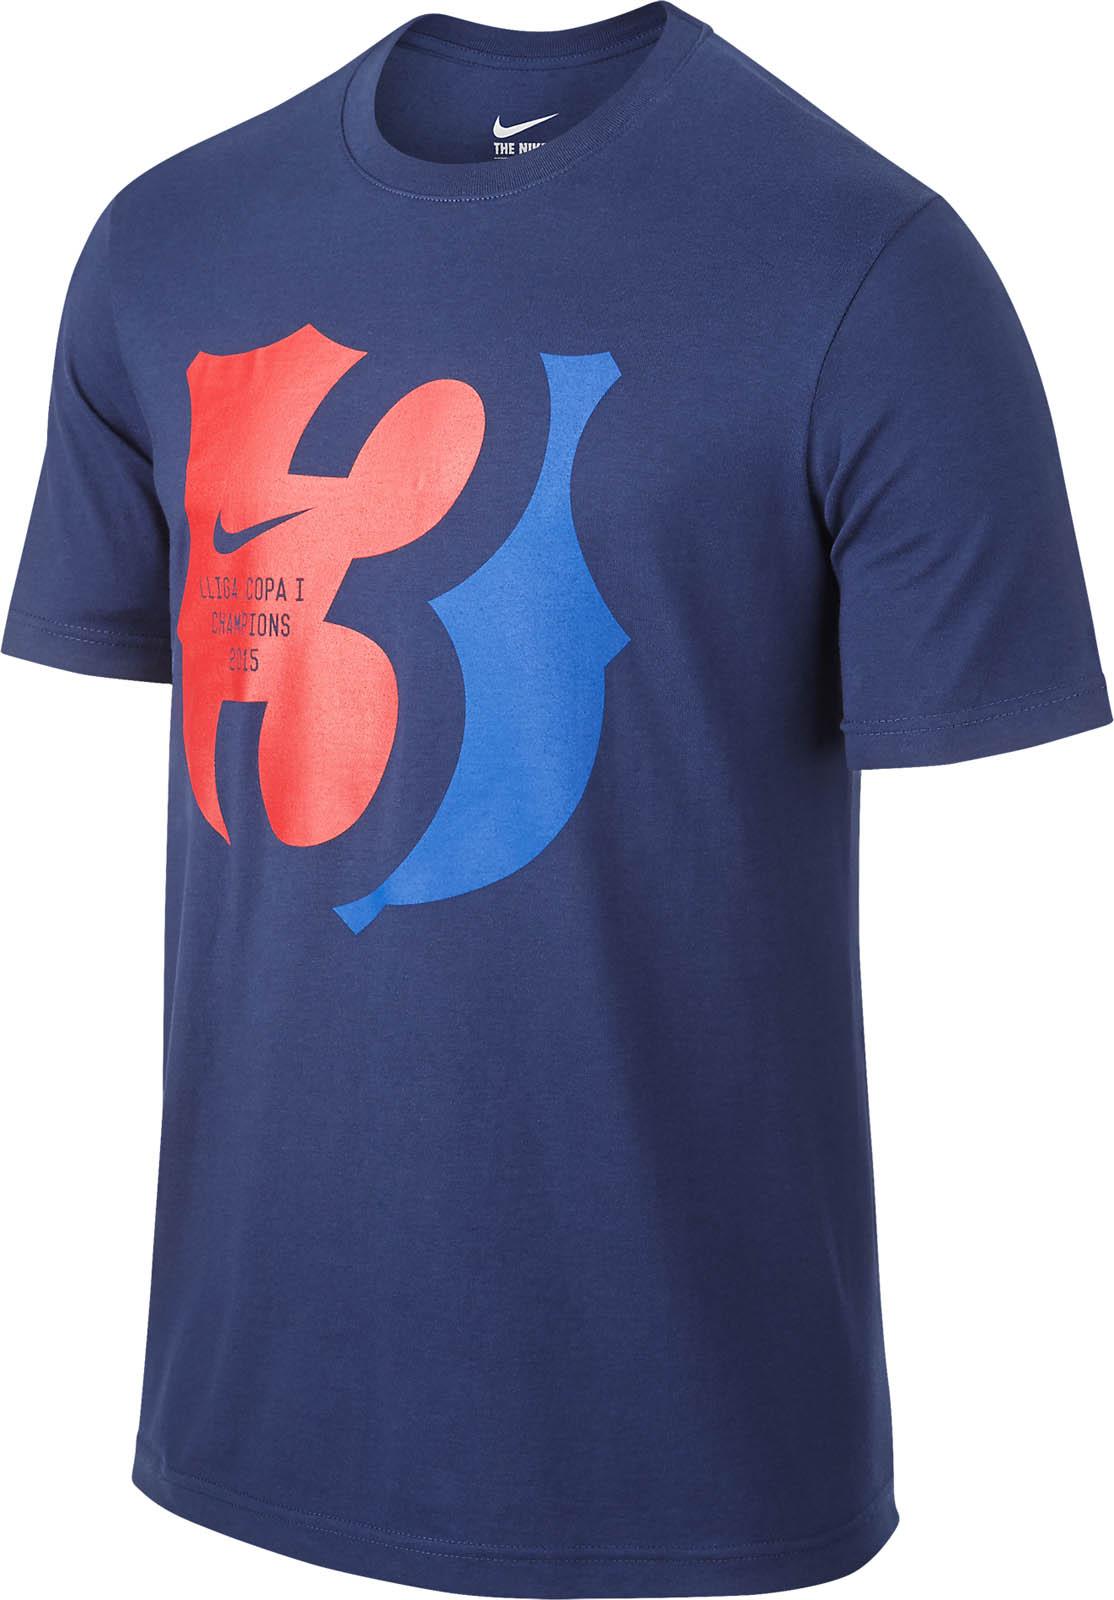 fc barcelona nike shirt